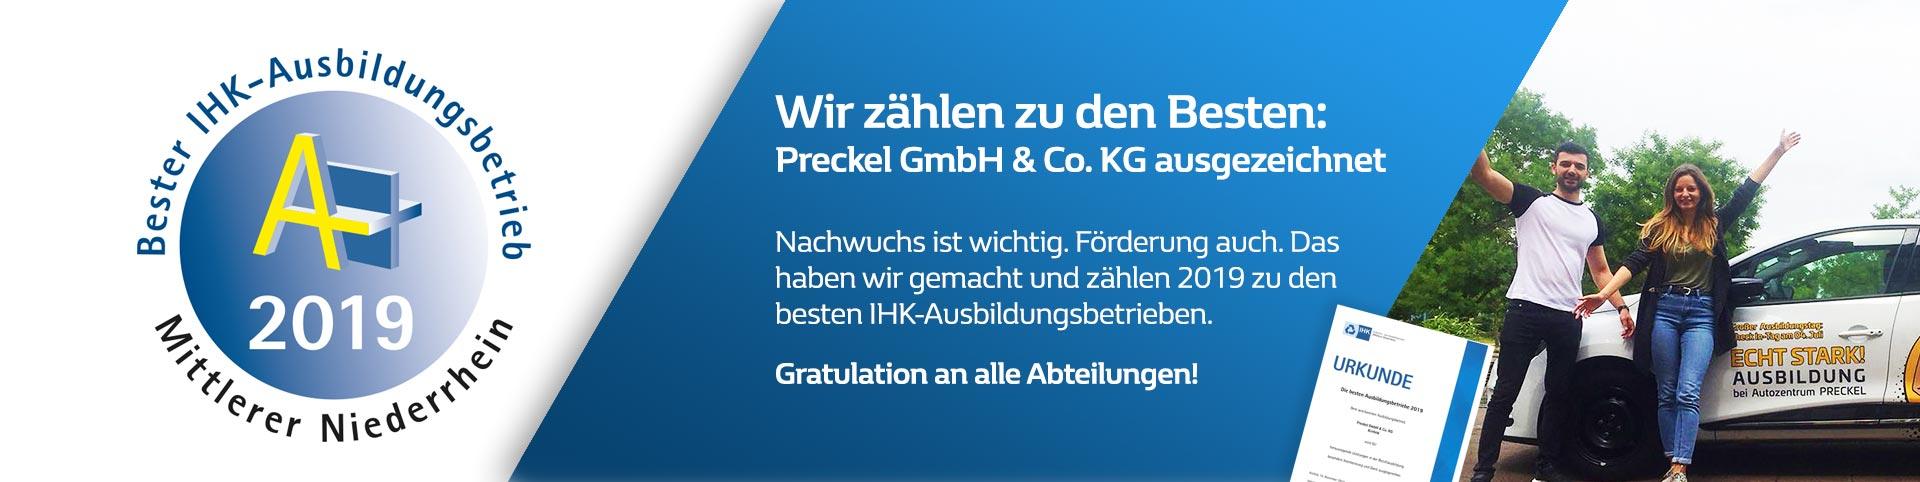 IHK Auszeichnung: Bester Ausbildungsbetrieb 2019 in Krefeld